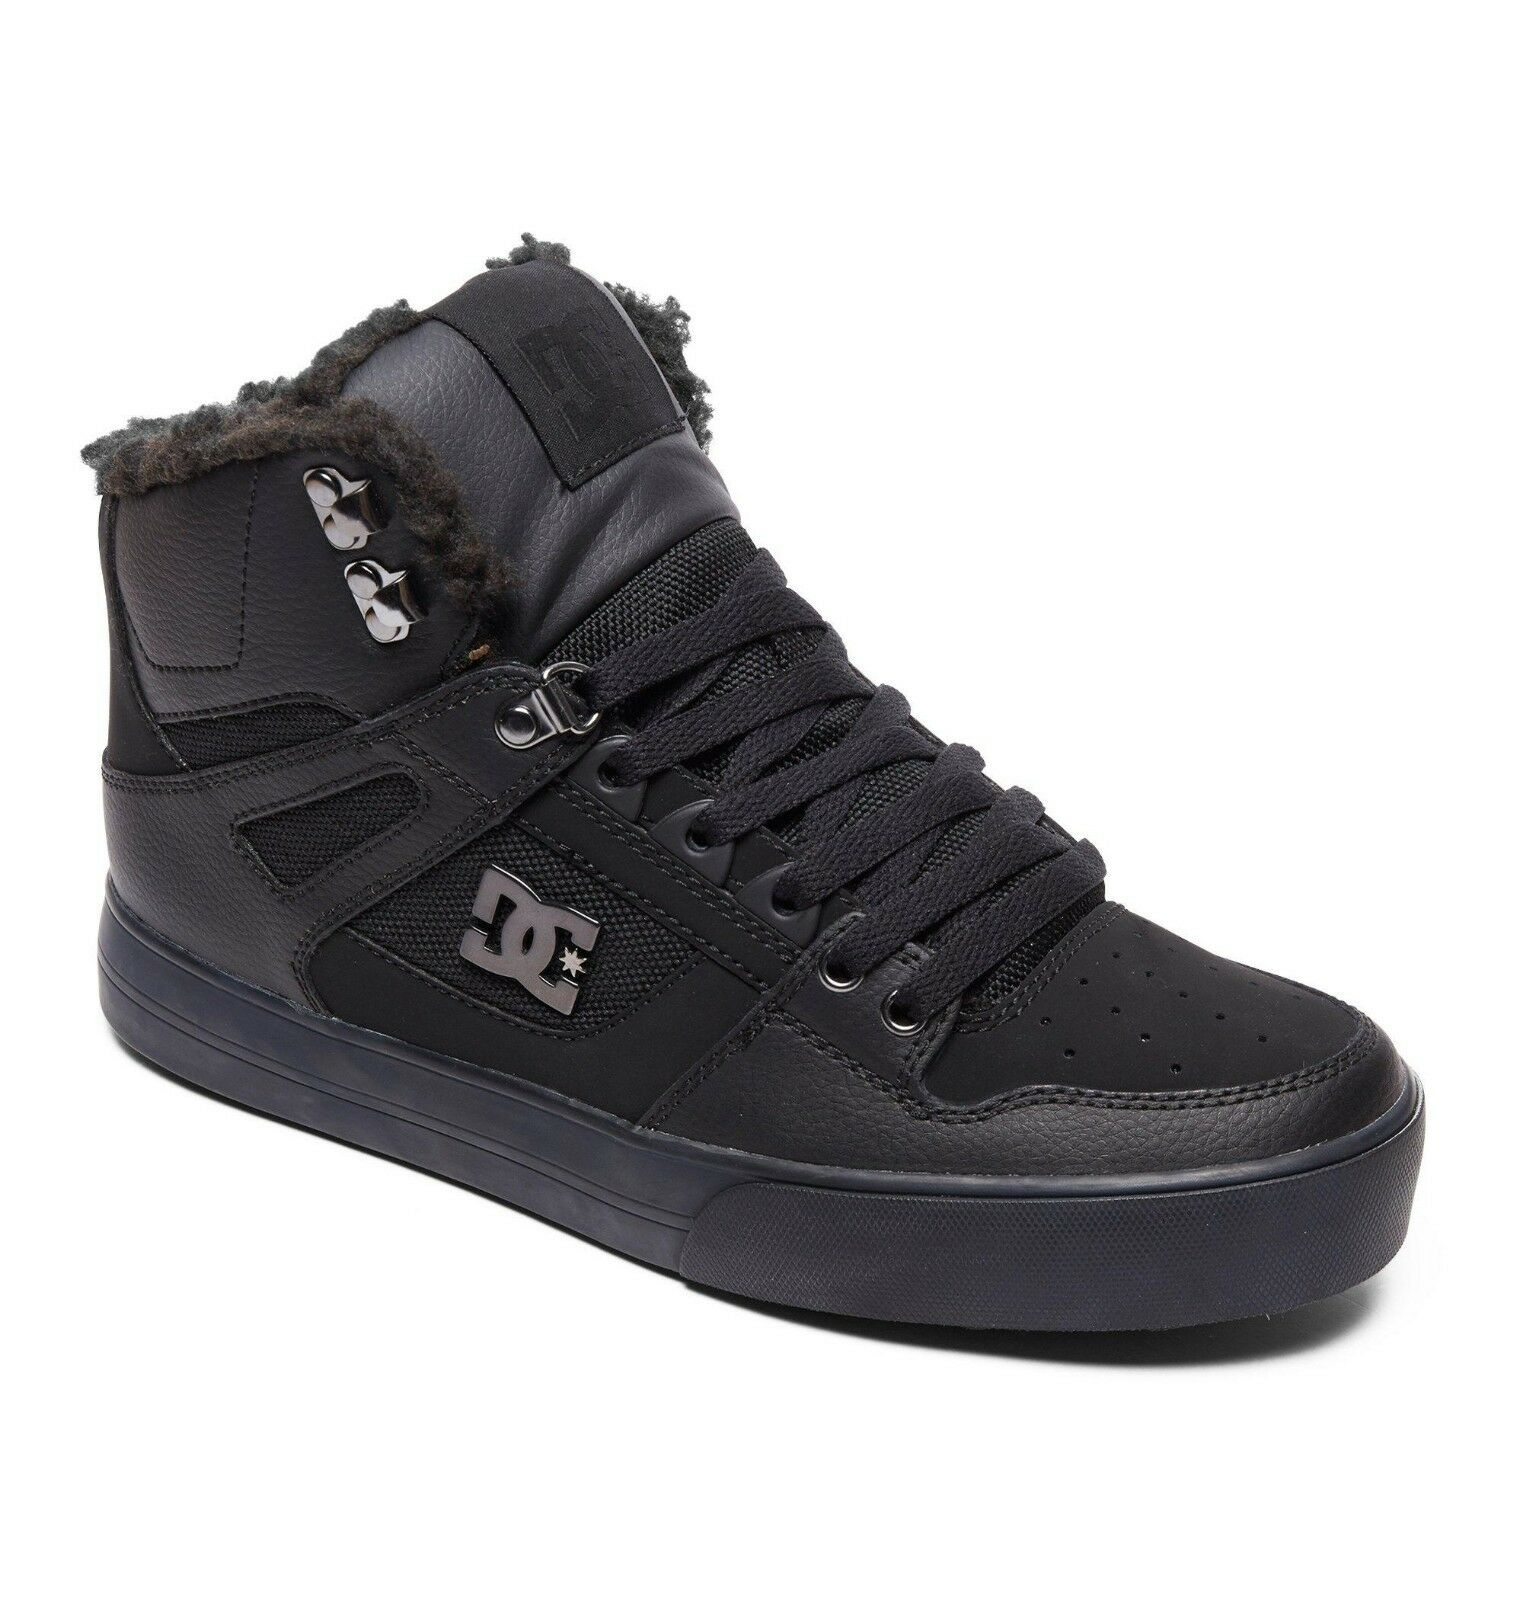 DC chaussures Homme Hi Top bottes. Pure hivernale en cuir doublé Haut chaussures noires 8 W 47